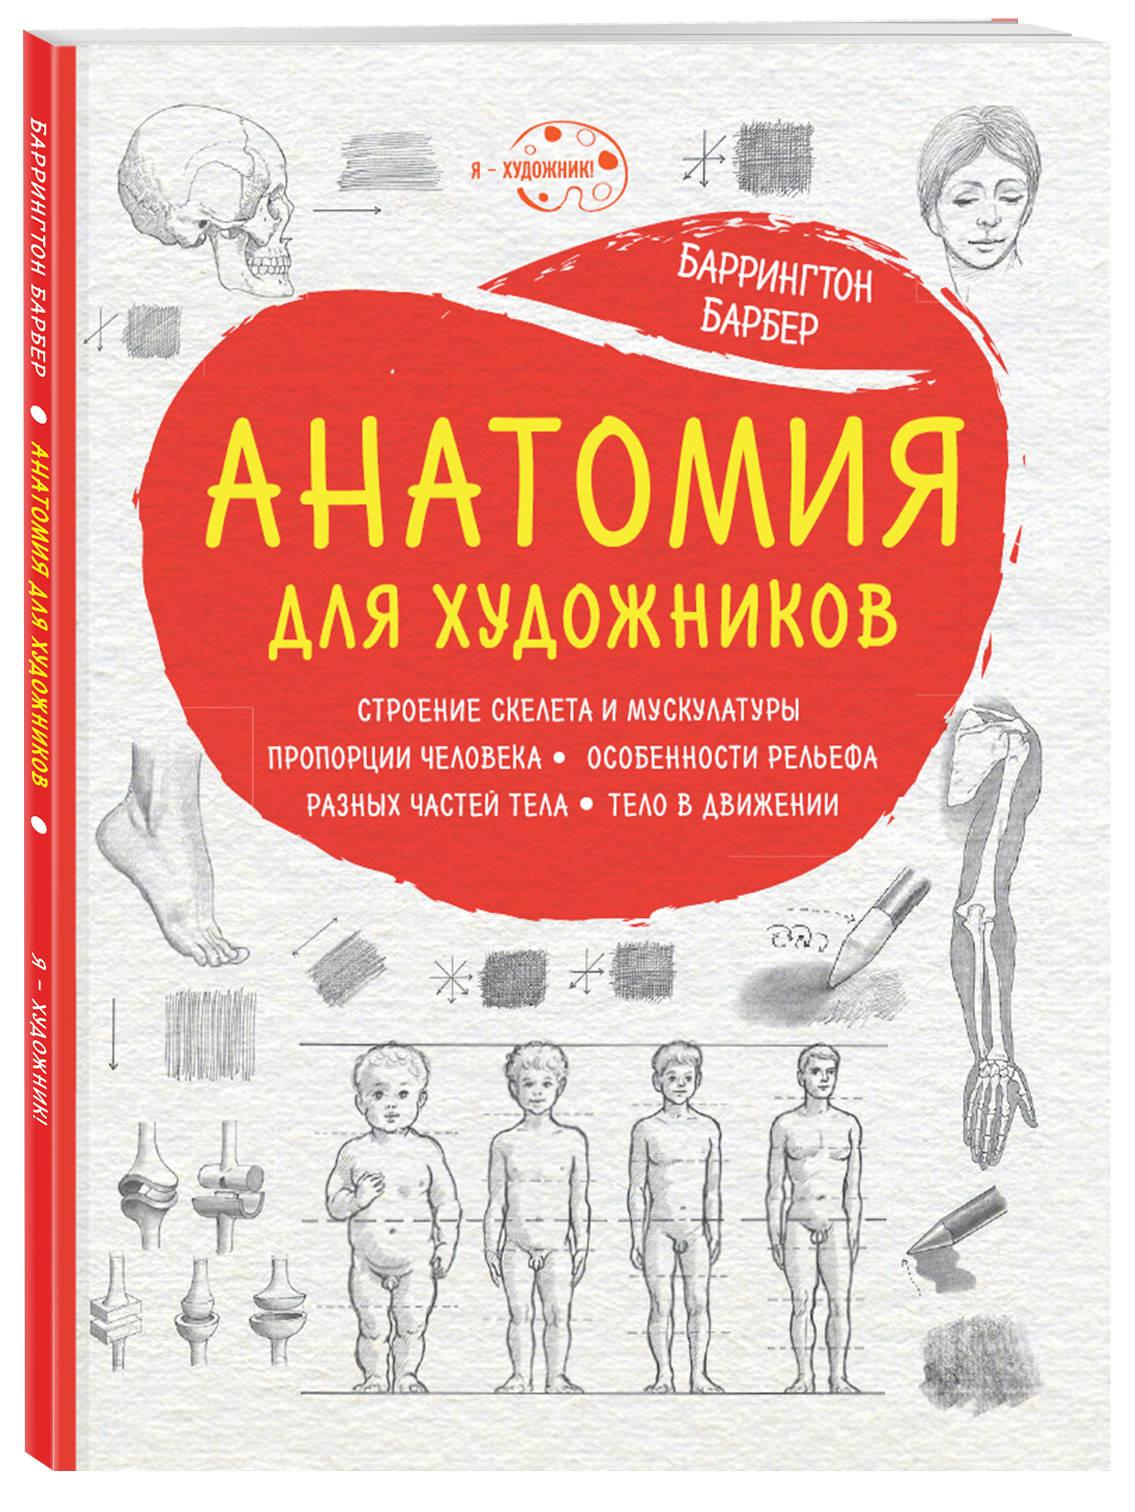 Баррингтон Барбер Анатомия для художников (нов. оф.) баррингтон барбер анатомия для художников нов оф